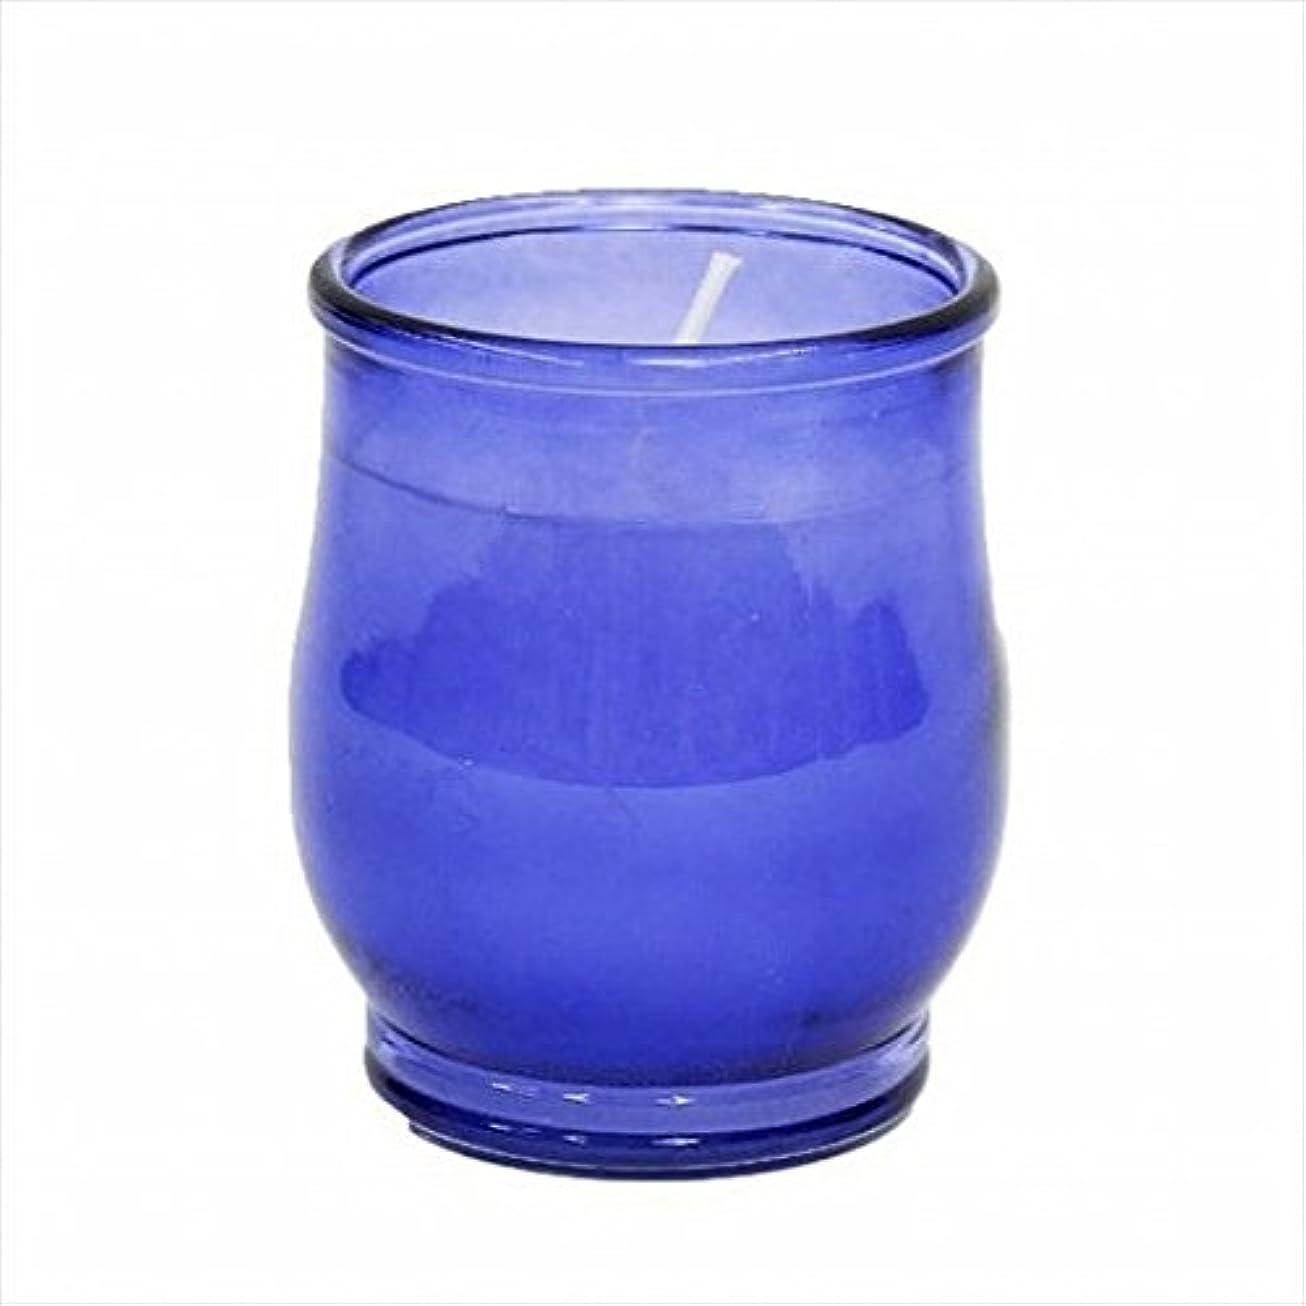 スキッパー贅沢マニアックkameyama candle(カメヤマキャンドル) ポシェ(非常用コップローソク) 「 ブルー(ライトカラー) 」 キャンドル 68x68x80mm (73020030B)